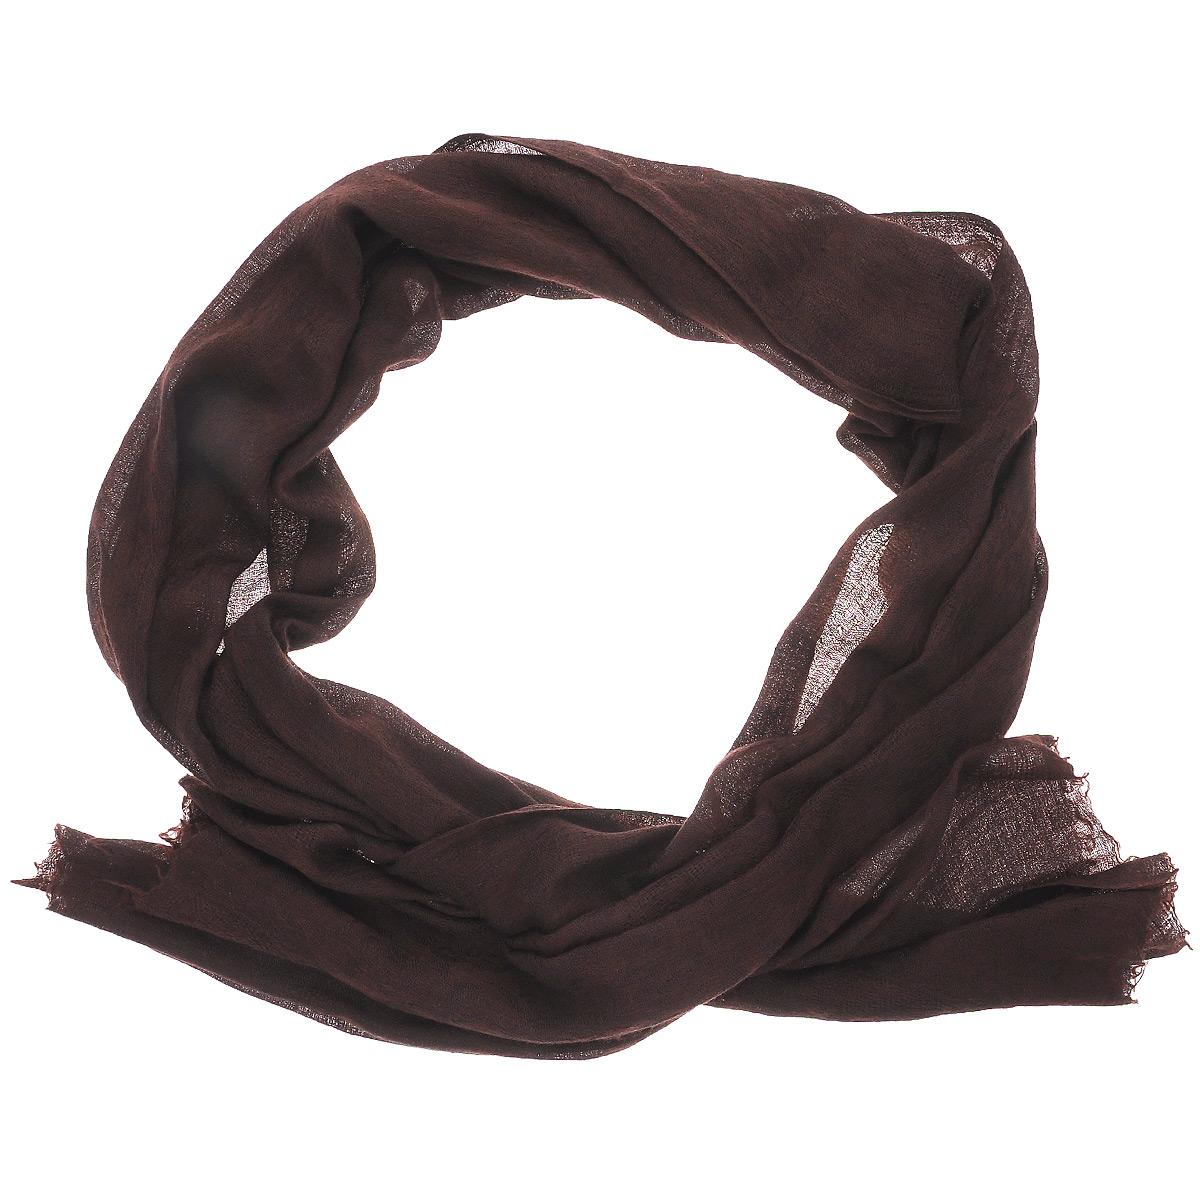 Палантин женский Ethnica Пейсли, цвет: темно-коричневый. 408450н. Размер 75 см х 200 см408450нЭлегантный палантин Ethnica подчеркнет ваш неповторимый образ. Он выполнен из мягкого кашемира и оформлен оригинальным орнаментом в виде индийских огурцов - пейсли. Этот модный аксессуар женского гардероба гармонично дополнит образ современной женщины, следящей за своим имиджем и стремящейся всегда оставаться стильной и элегантной. В этом палантине вы всегда будете выглядеть женственной и привлекательной.